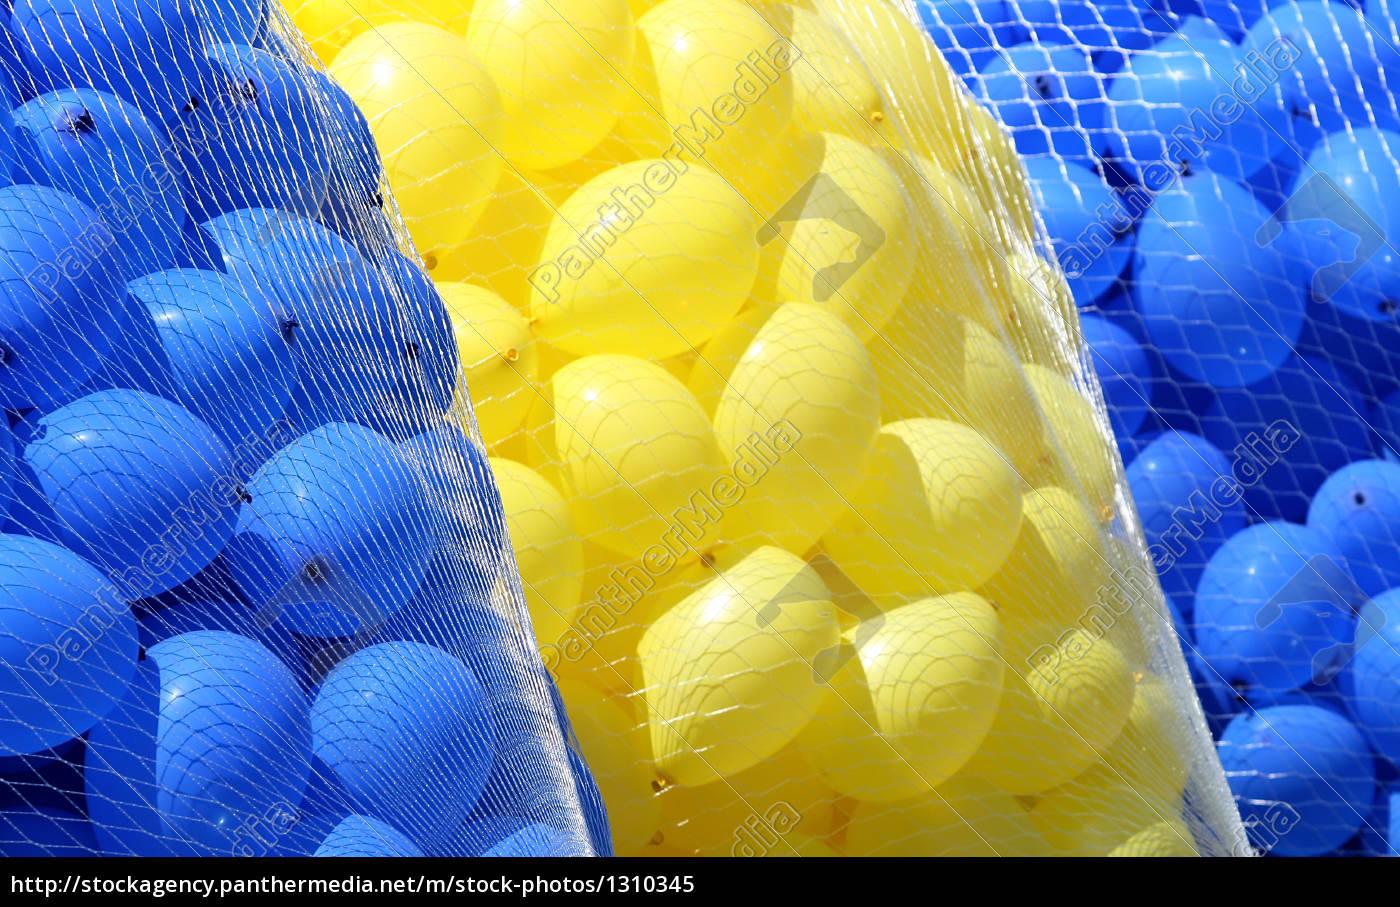 balloons - 1310345